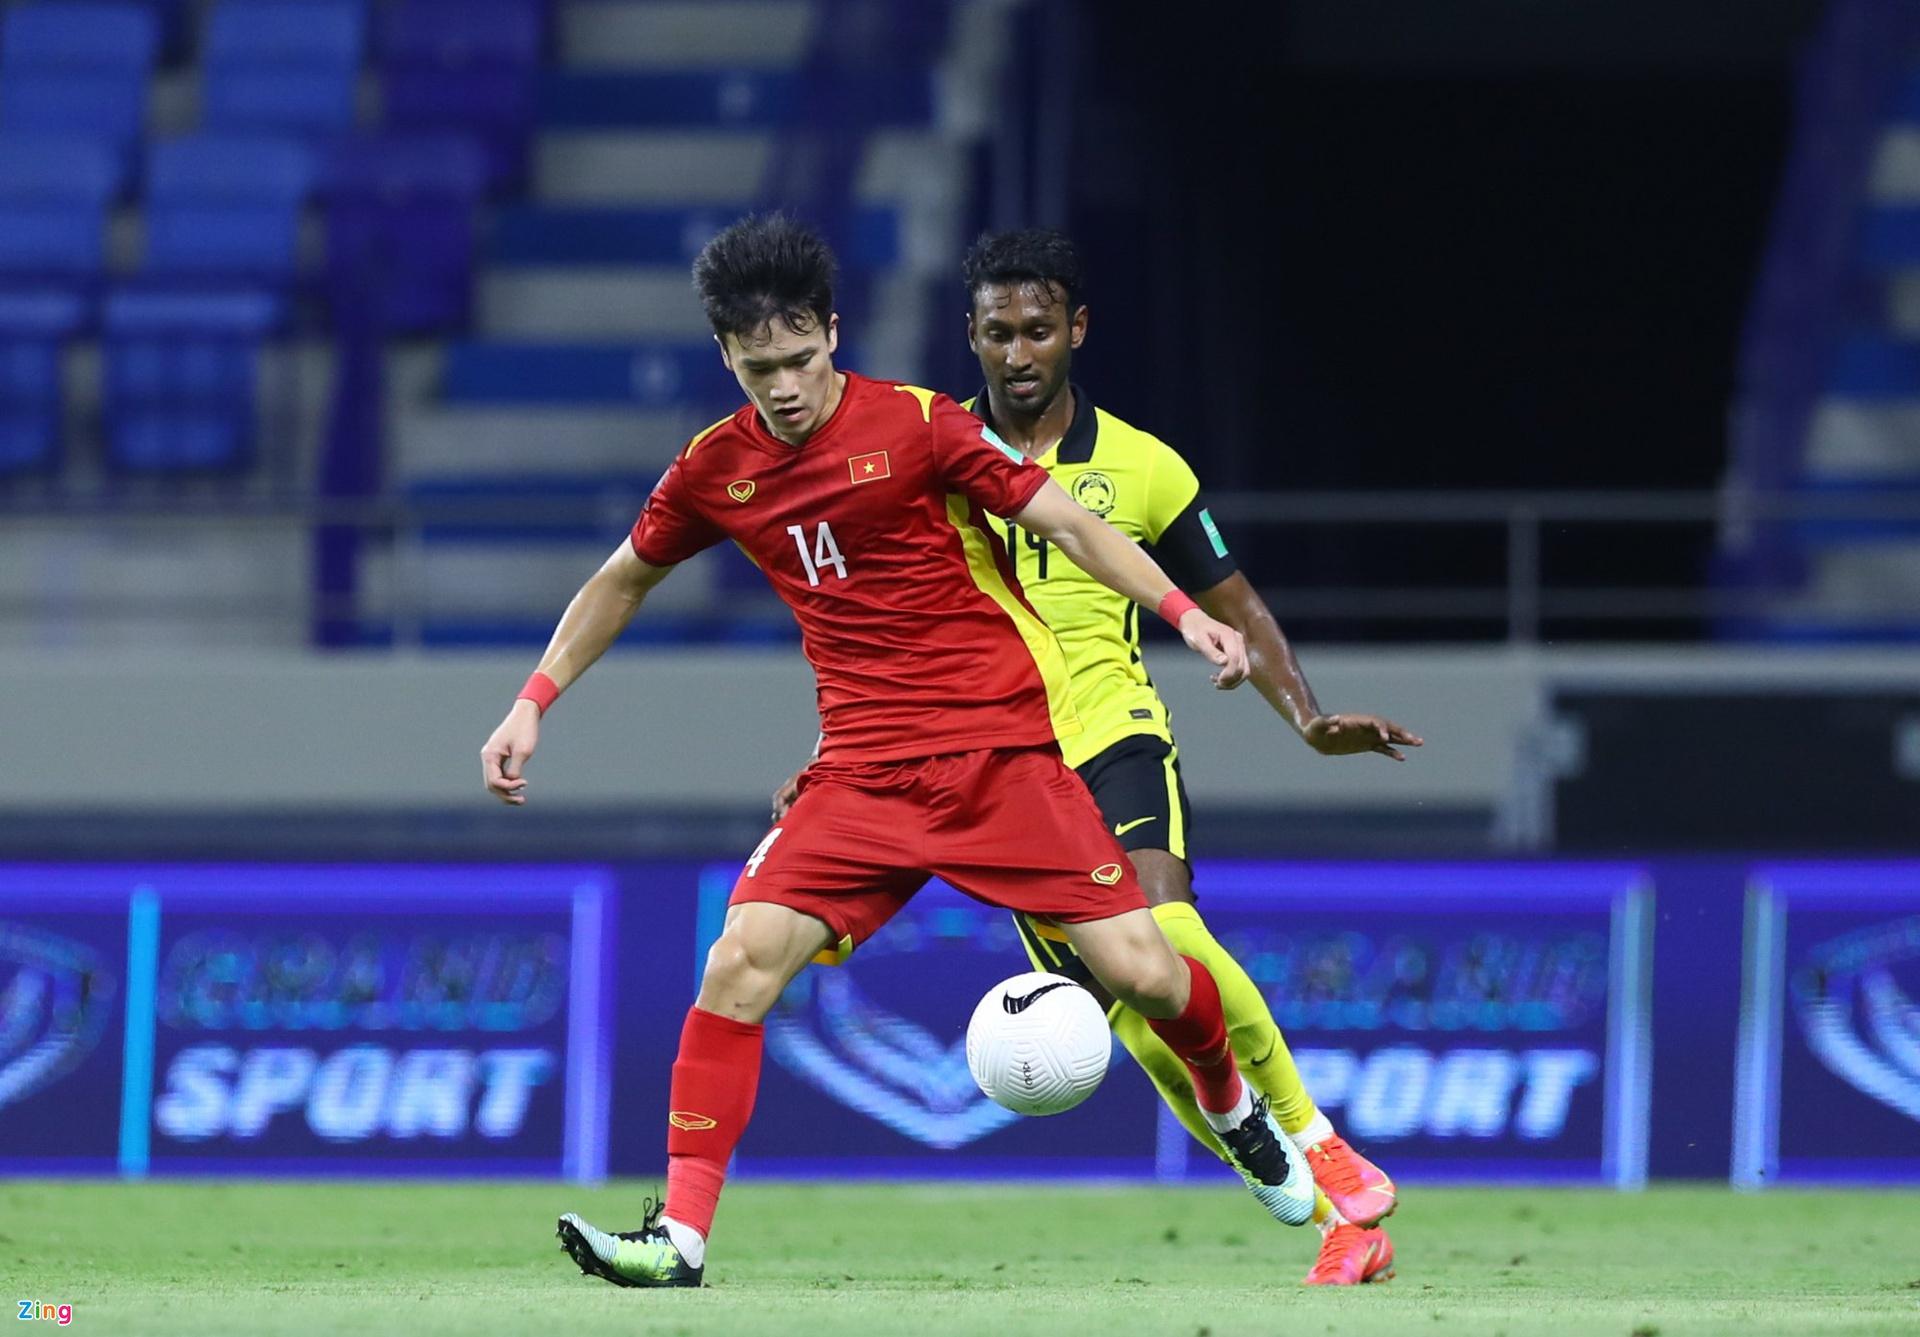 Thai League muốn chiêu mộ tiền vệ trẻ tài năng Hoàng Đức